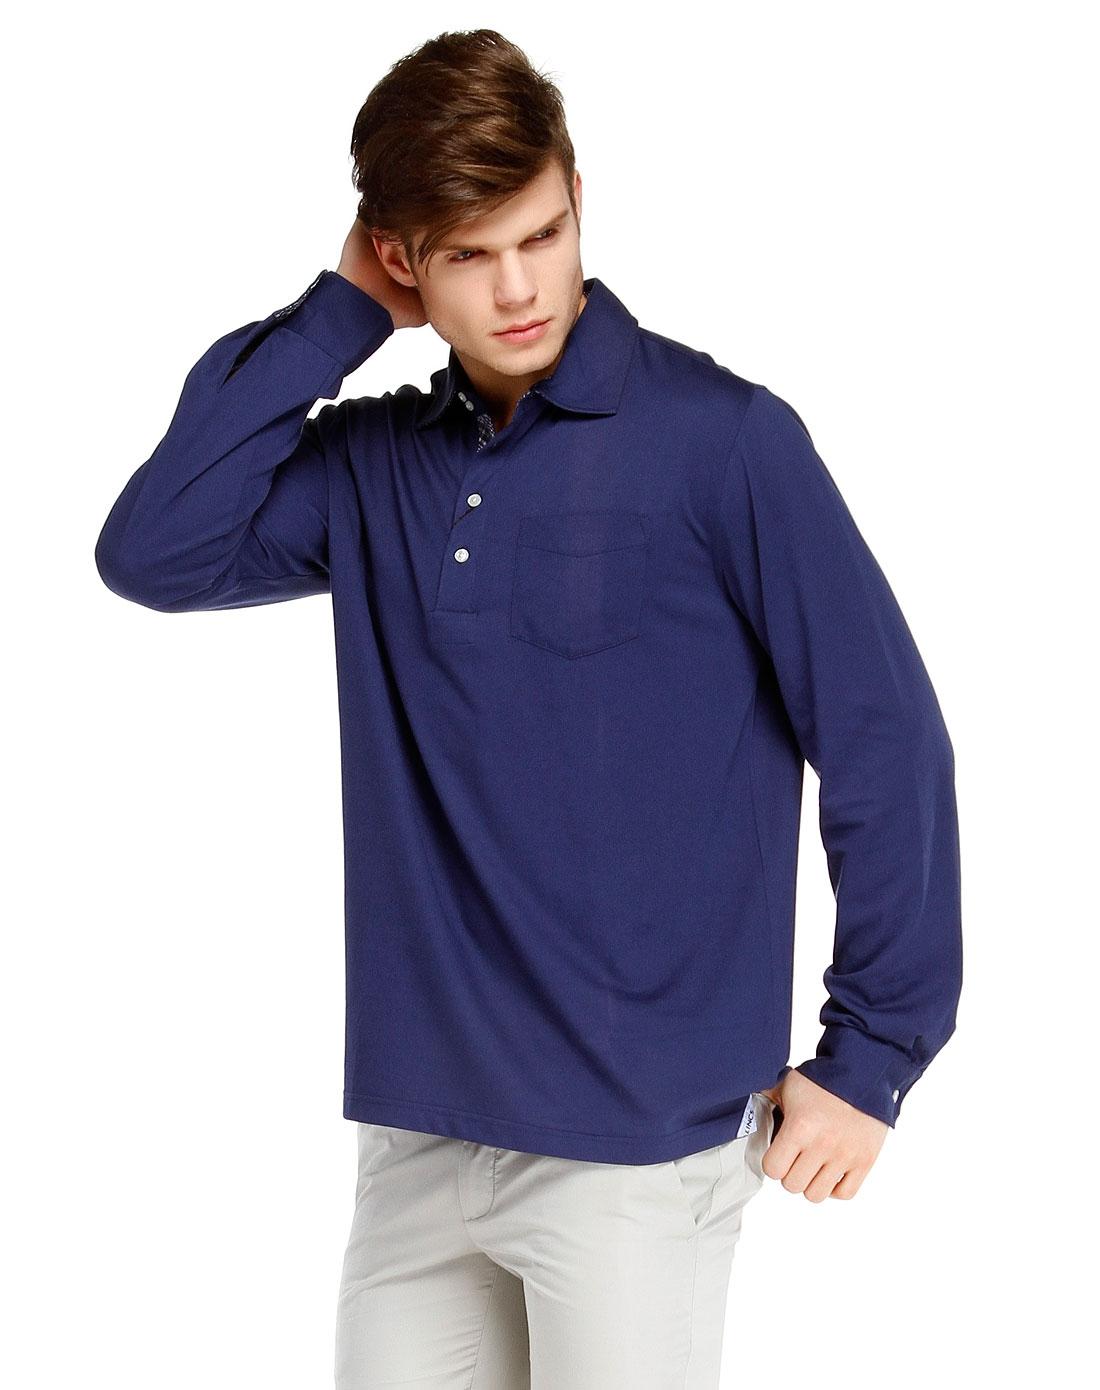 纯色简约深蓝色长袖polo衫